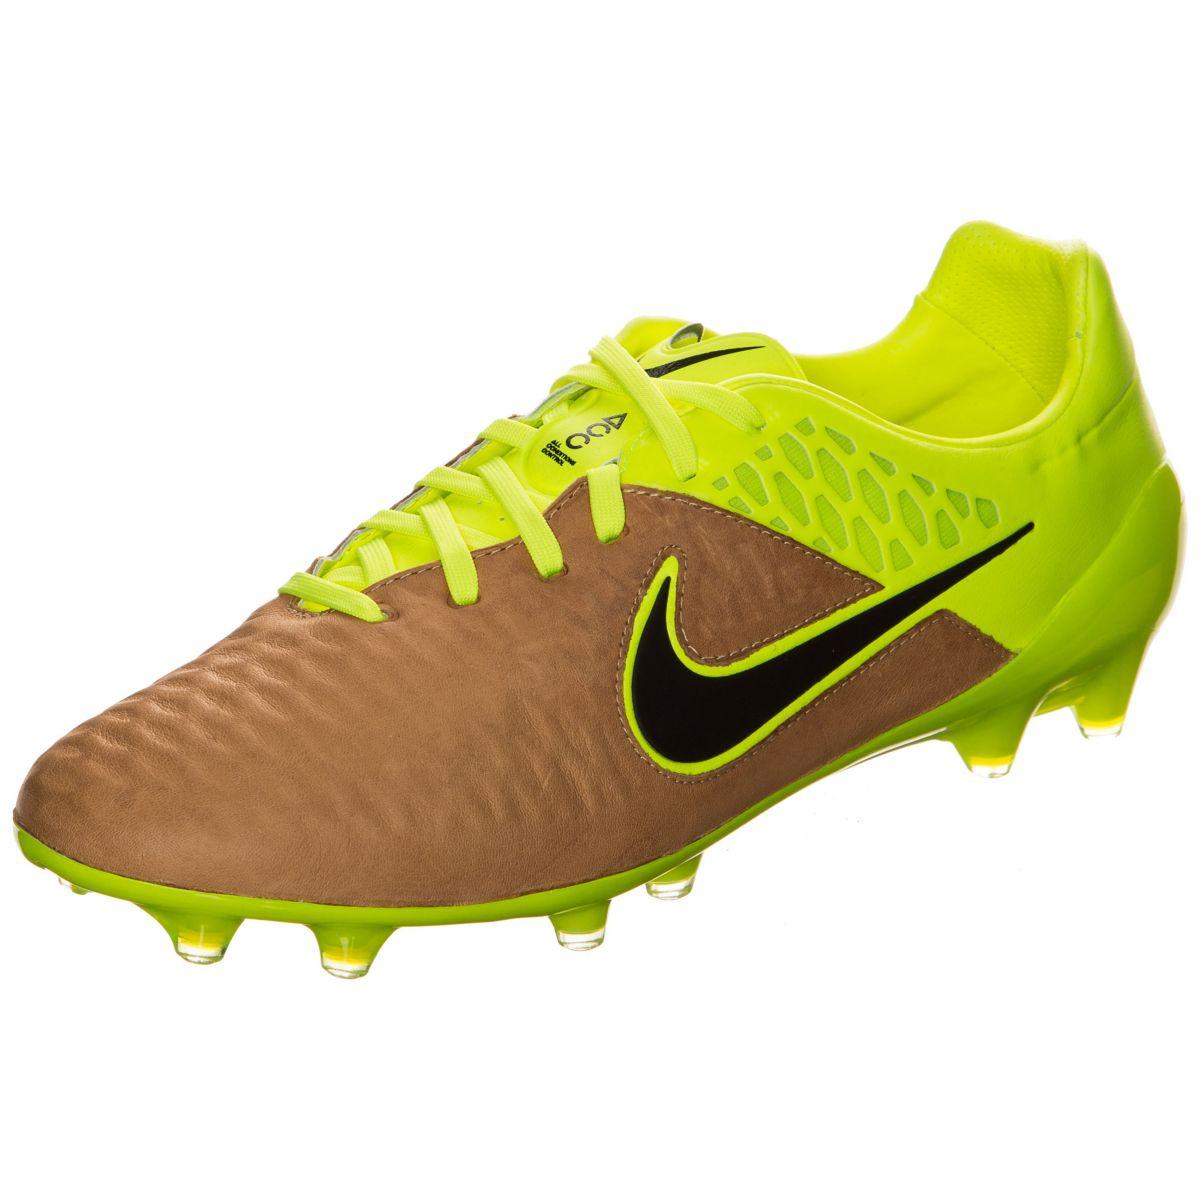 Nike Magista Opus Leather FG Fußballschuh Herren Preisvergleich